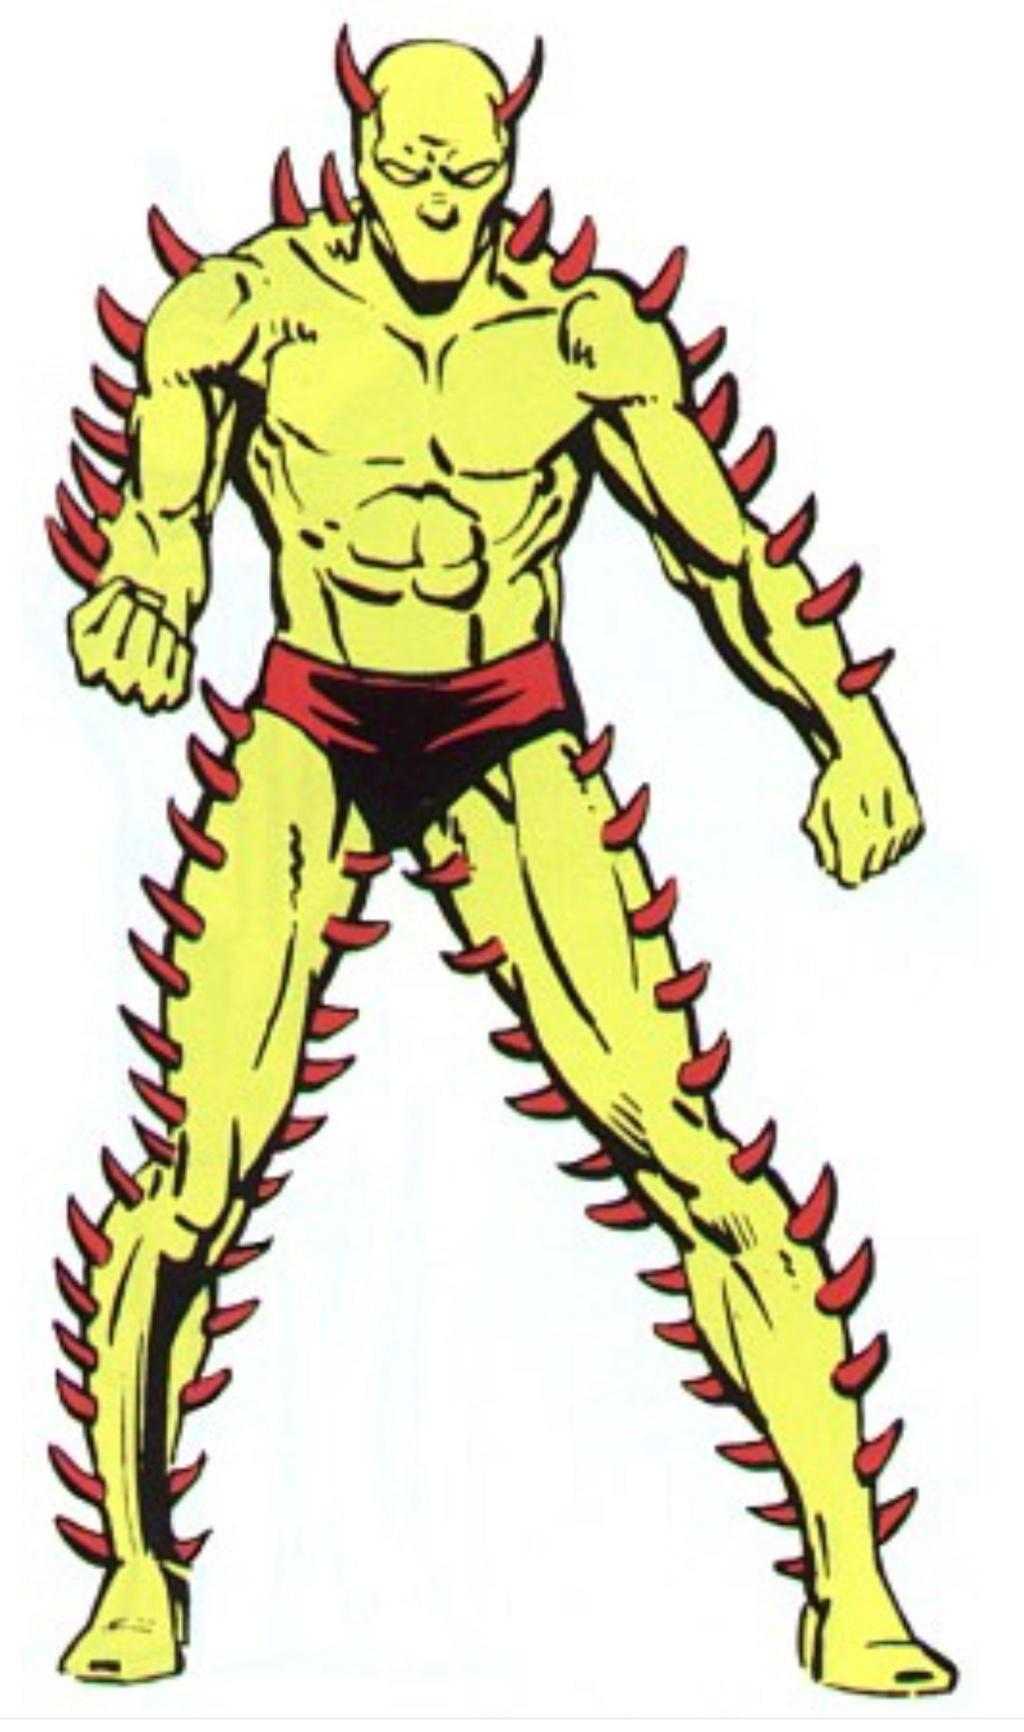 La liste idéale des bustes Marvel de 'Redwing' - Page 2 Facf5b10